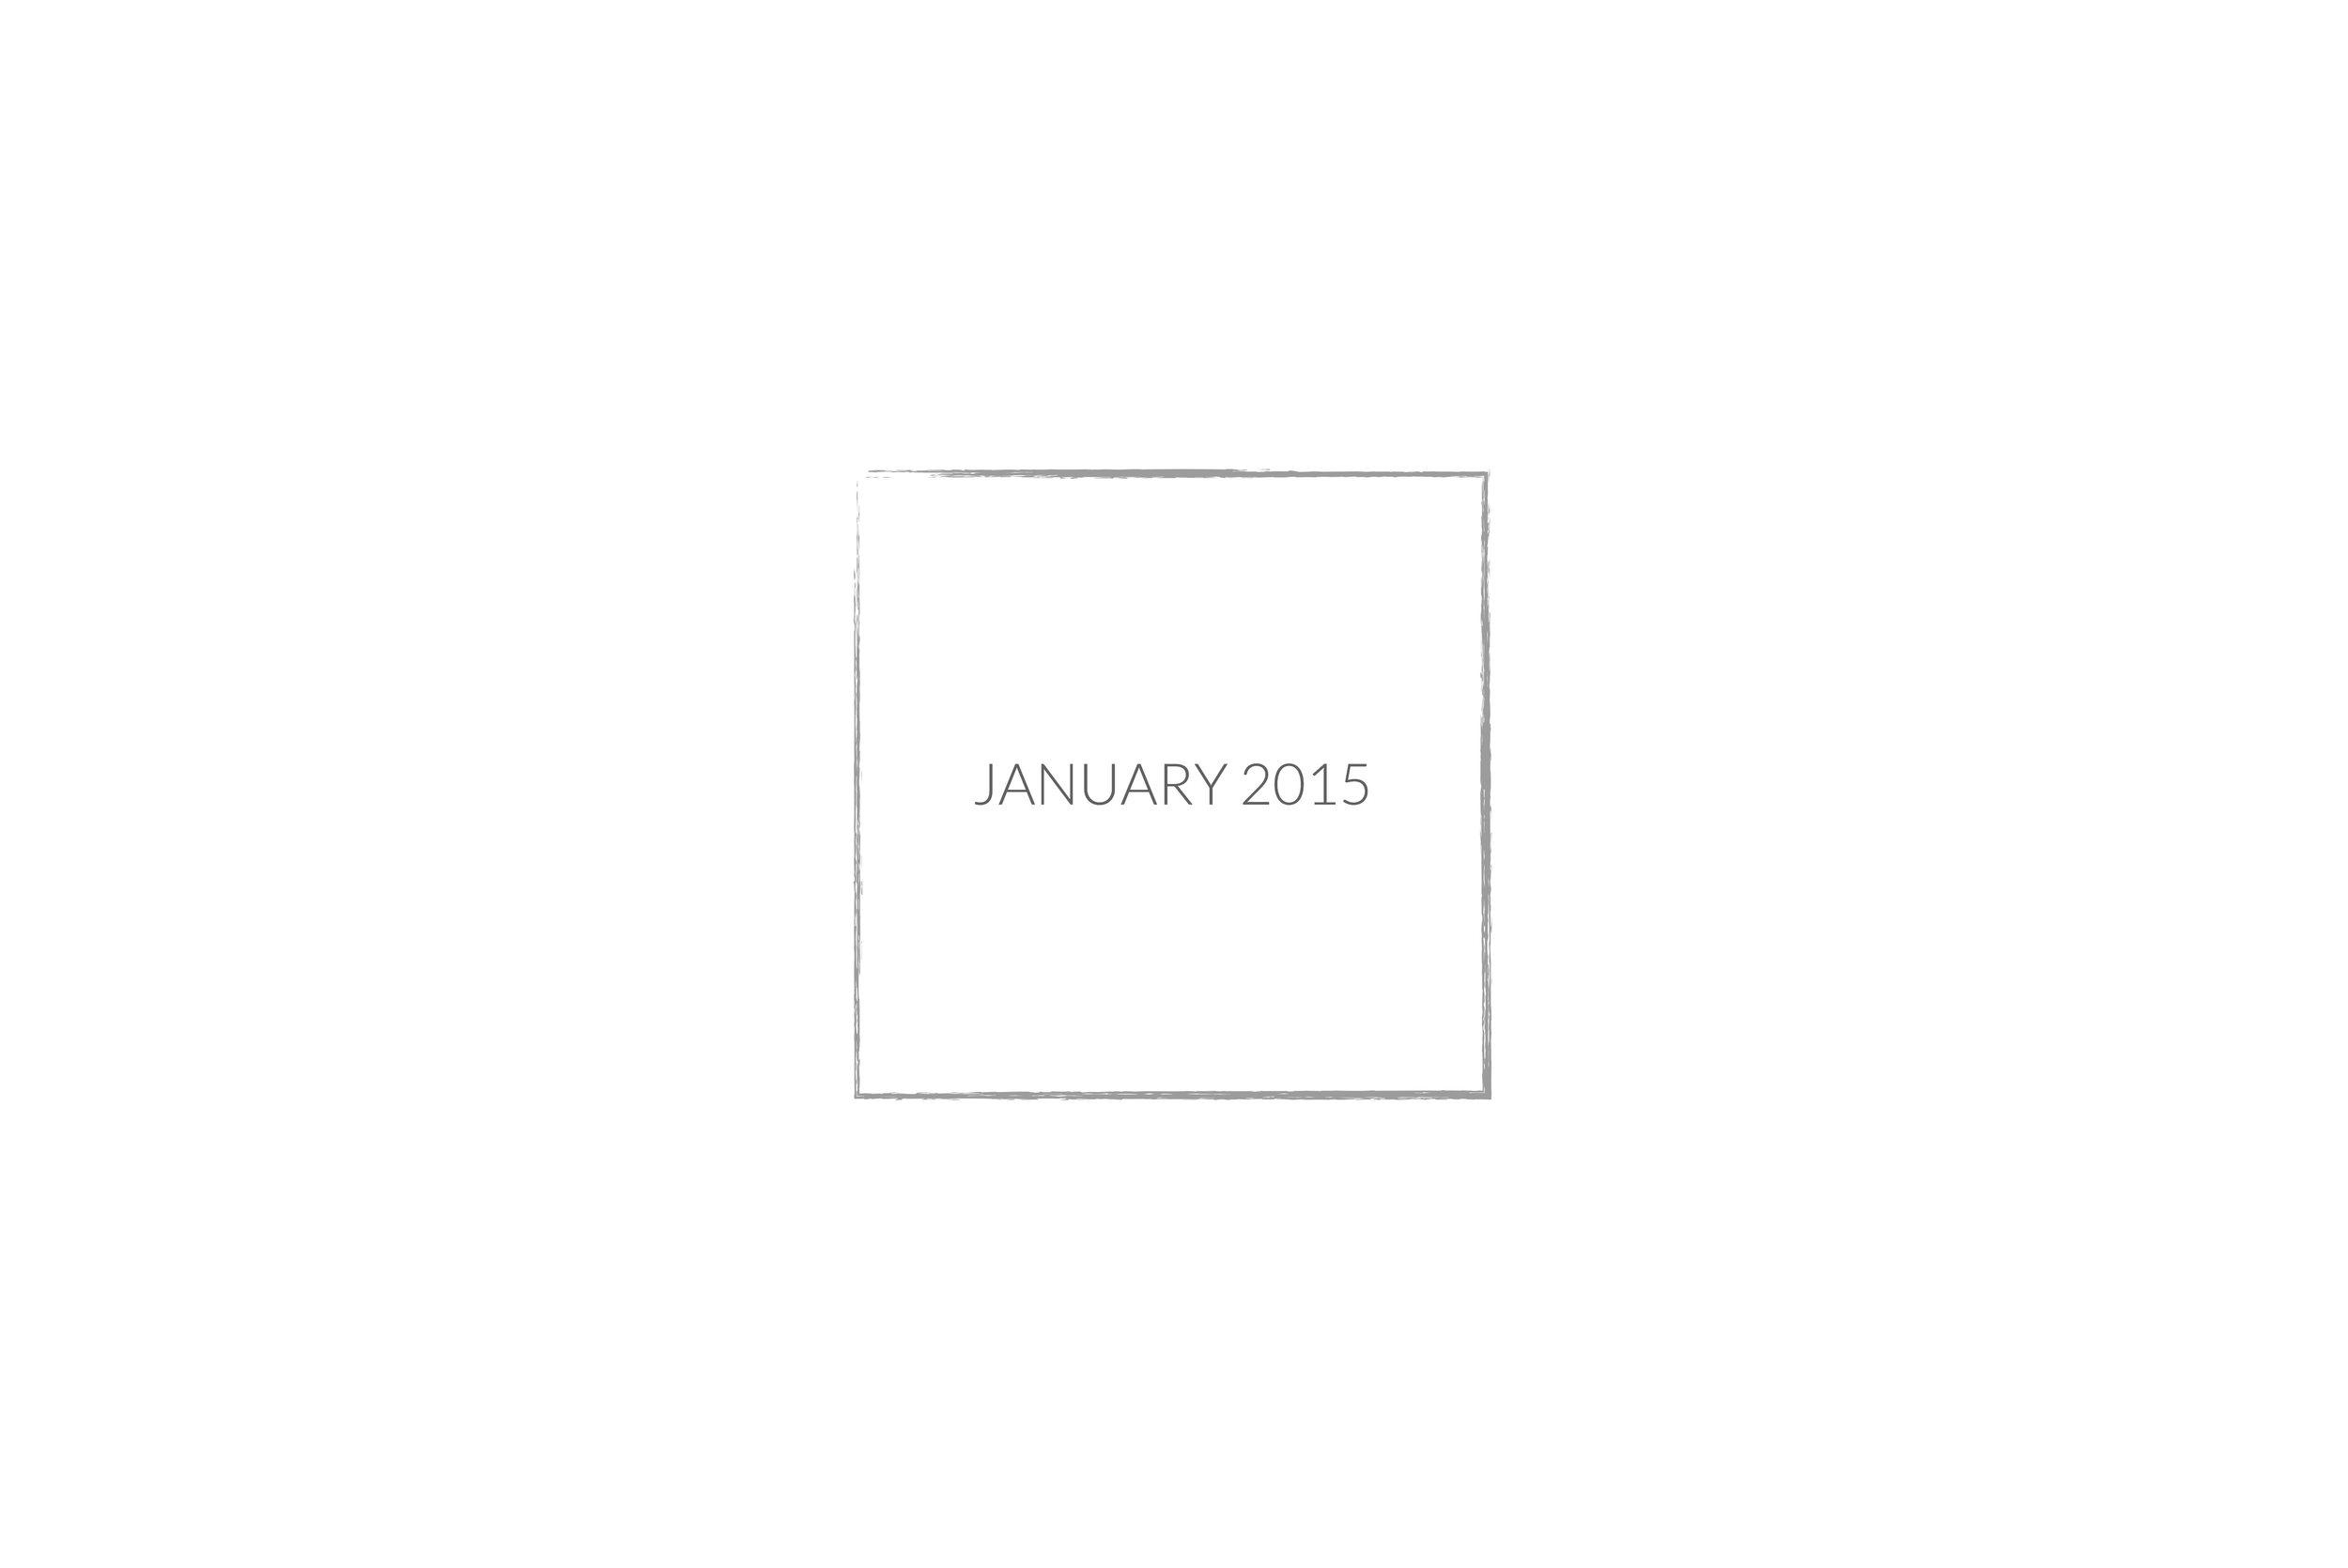 January 2015 slide.jpg